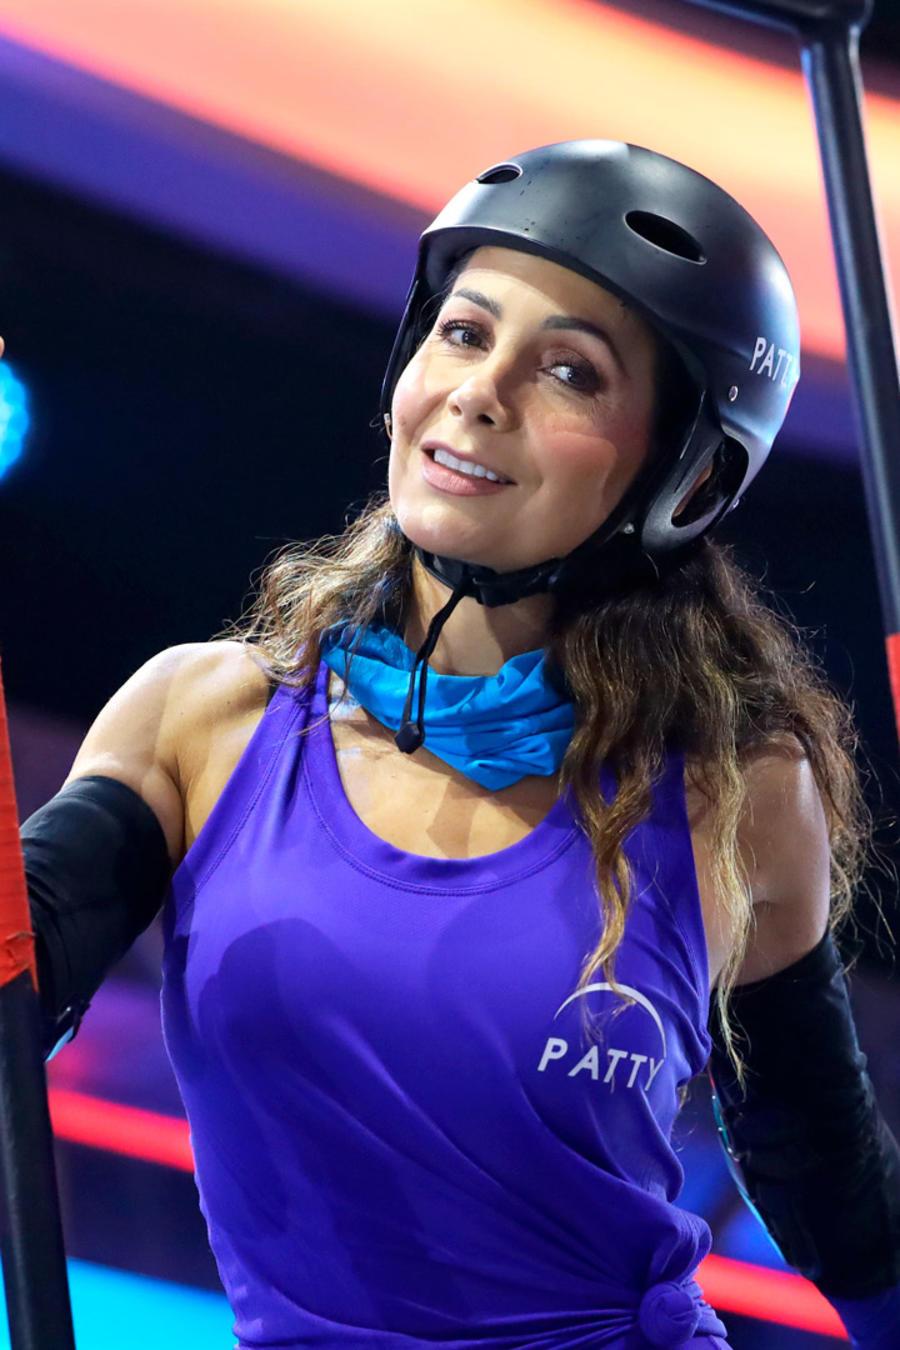 Patty Manterola explica la razón de su buena puntería, El Domo del Dinero